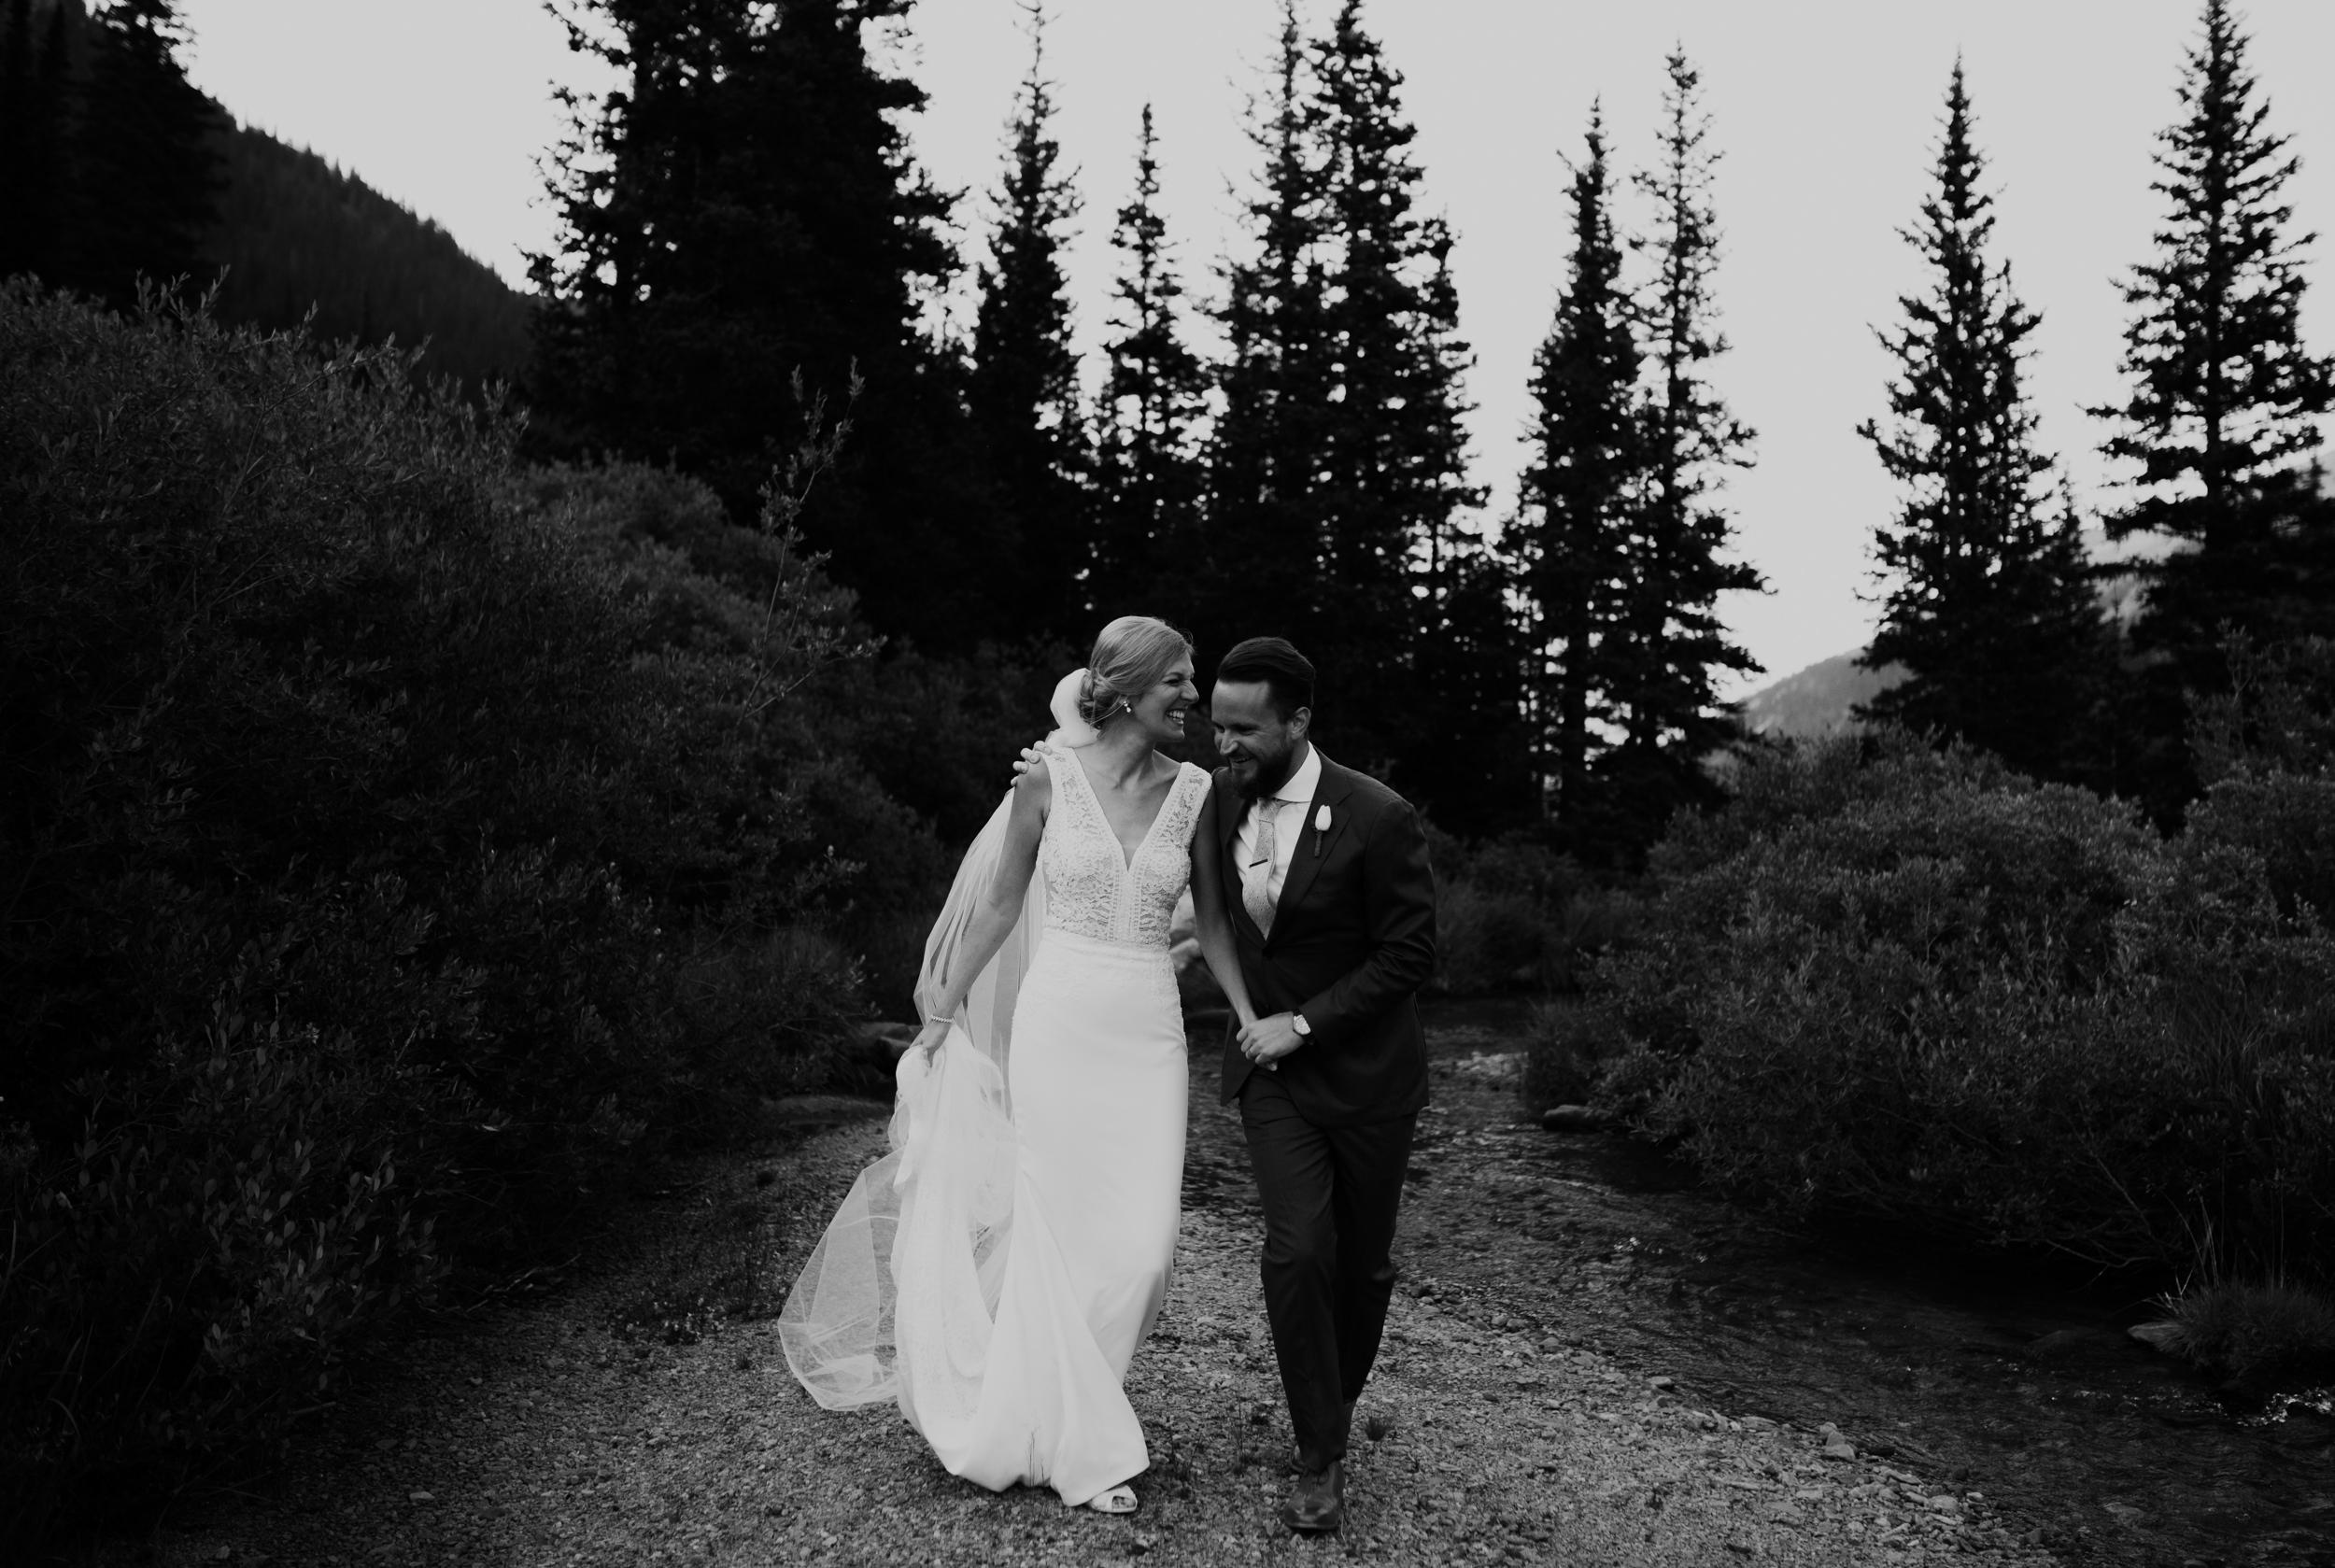 Adventure session in Colorado. Colorado wedding photographer.